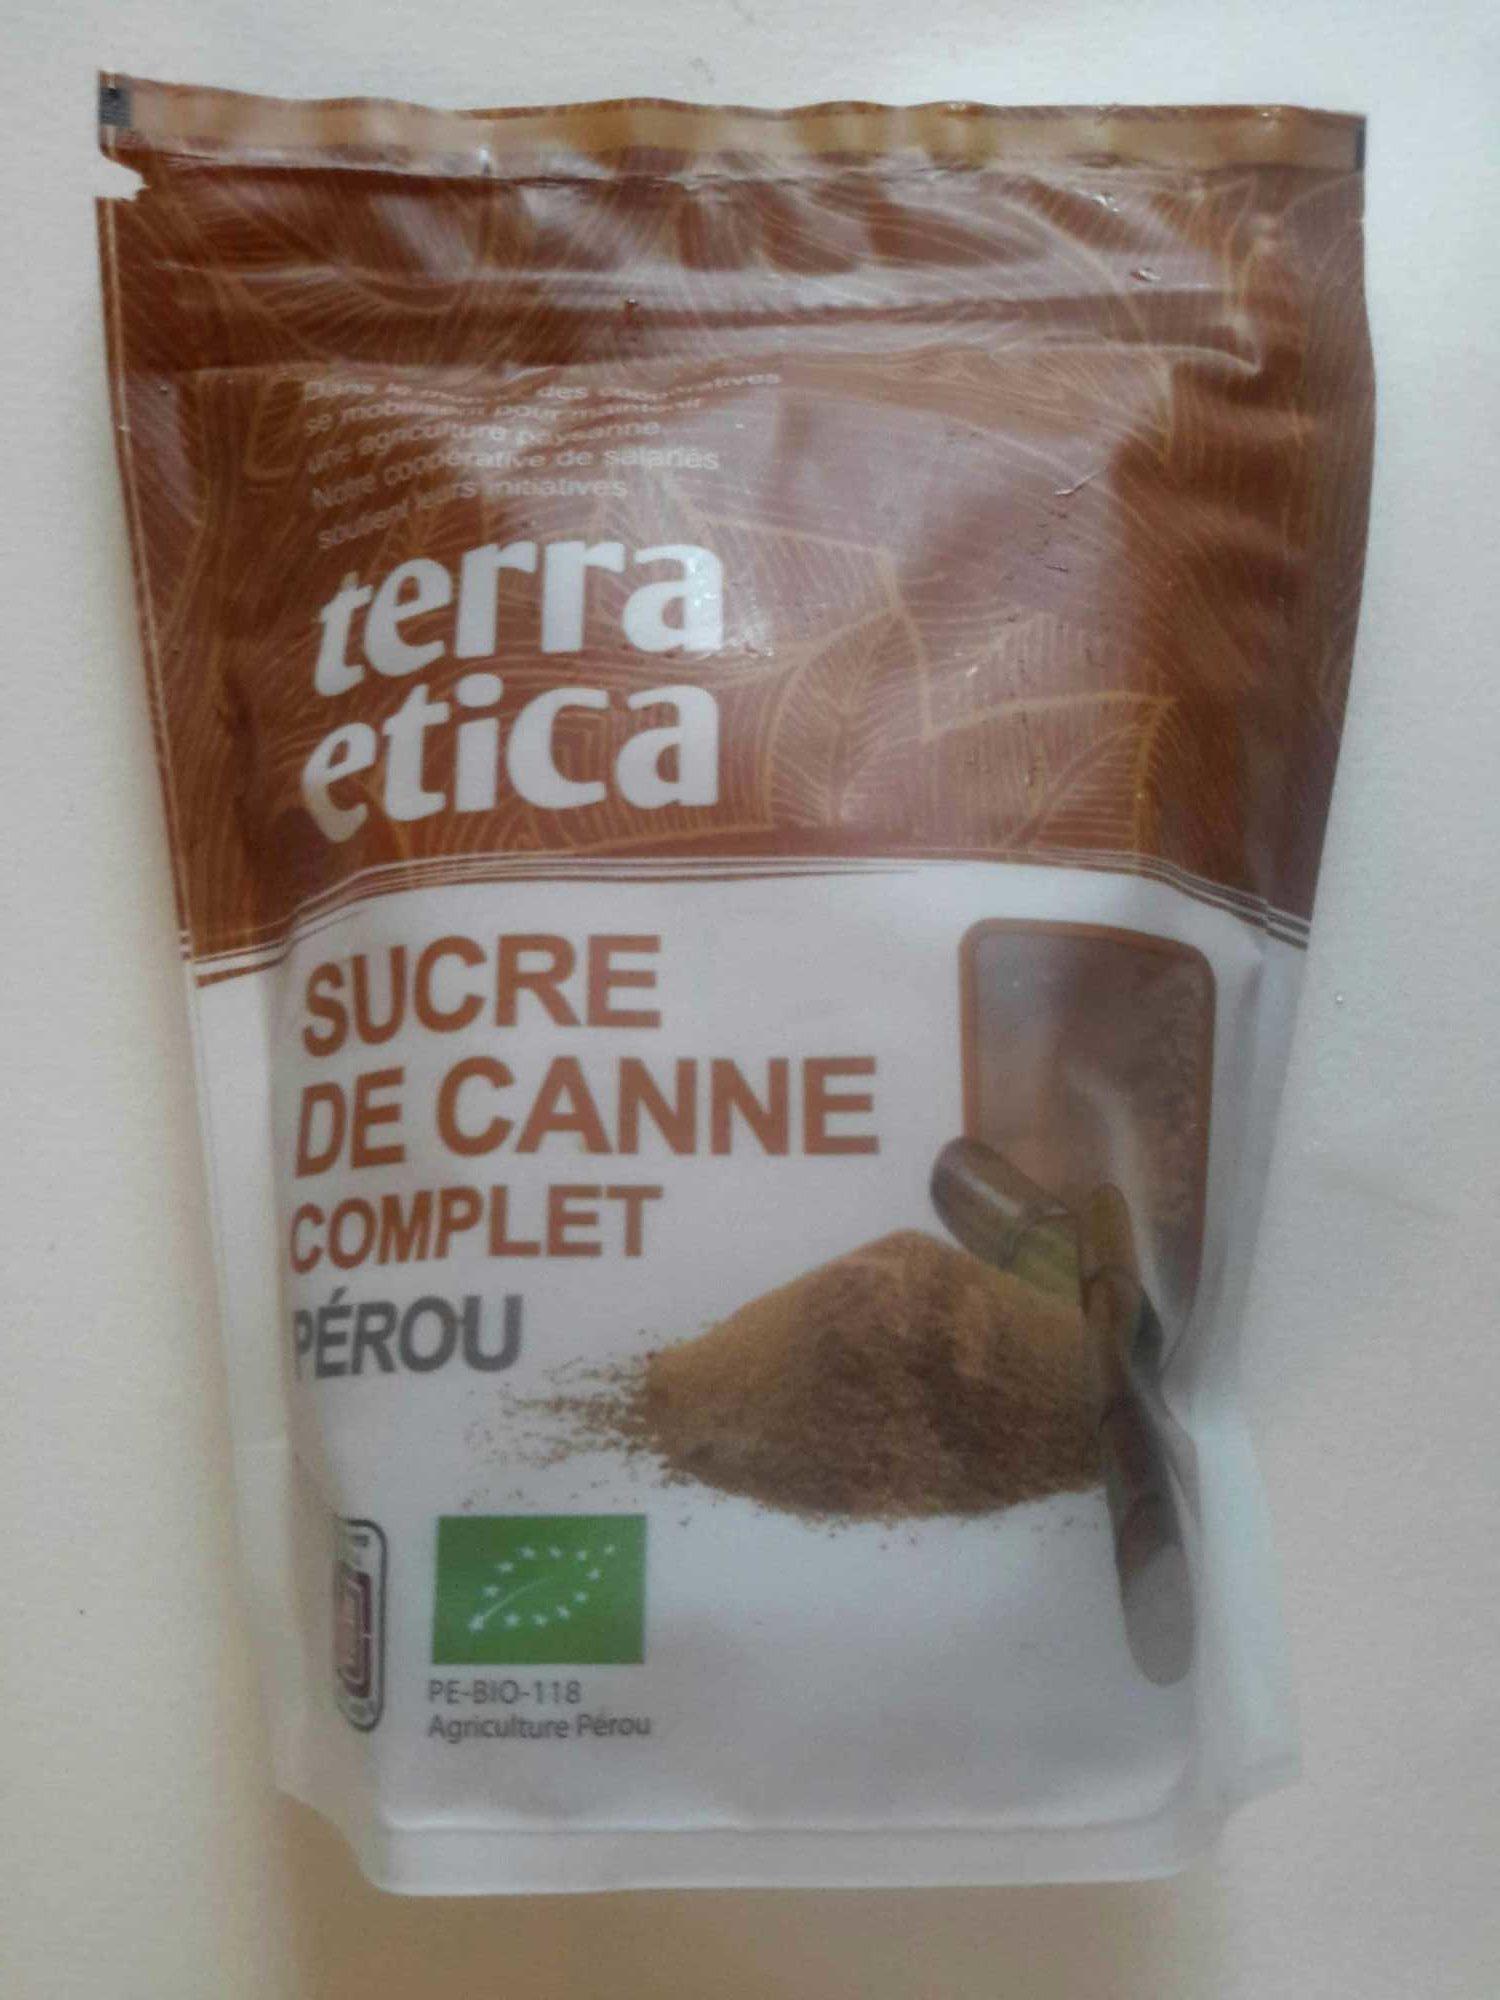 Sucre de canne complet Pérou - Prodotto - fr